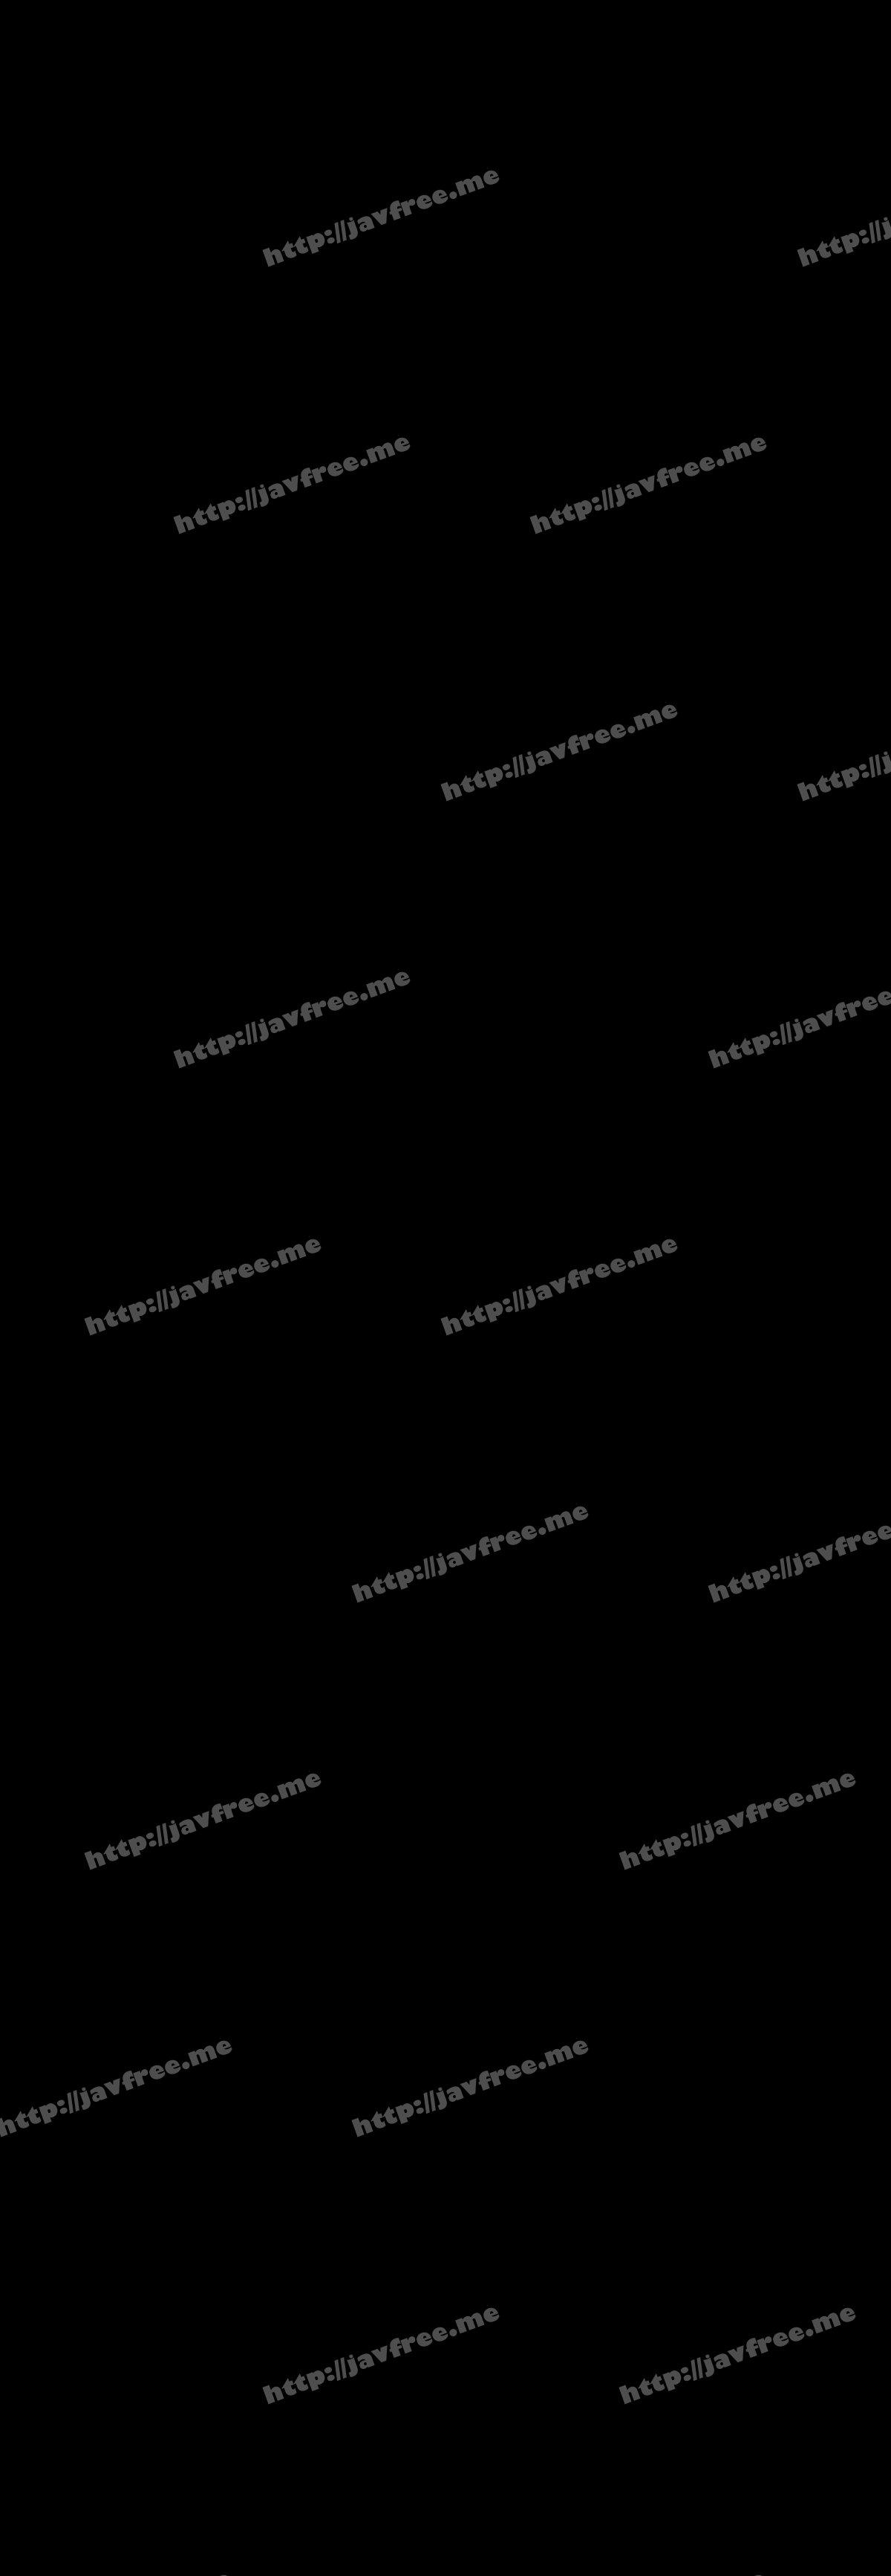 [HD][FPS-006] 鍼灸院すどう盗撮り下ろし マン毛ボーボーで下品ですよぉ